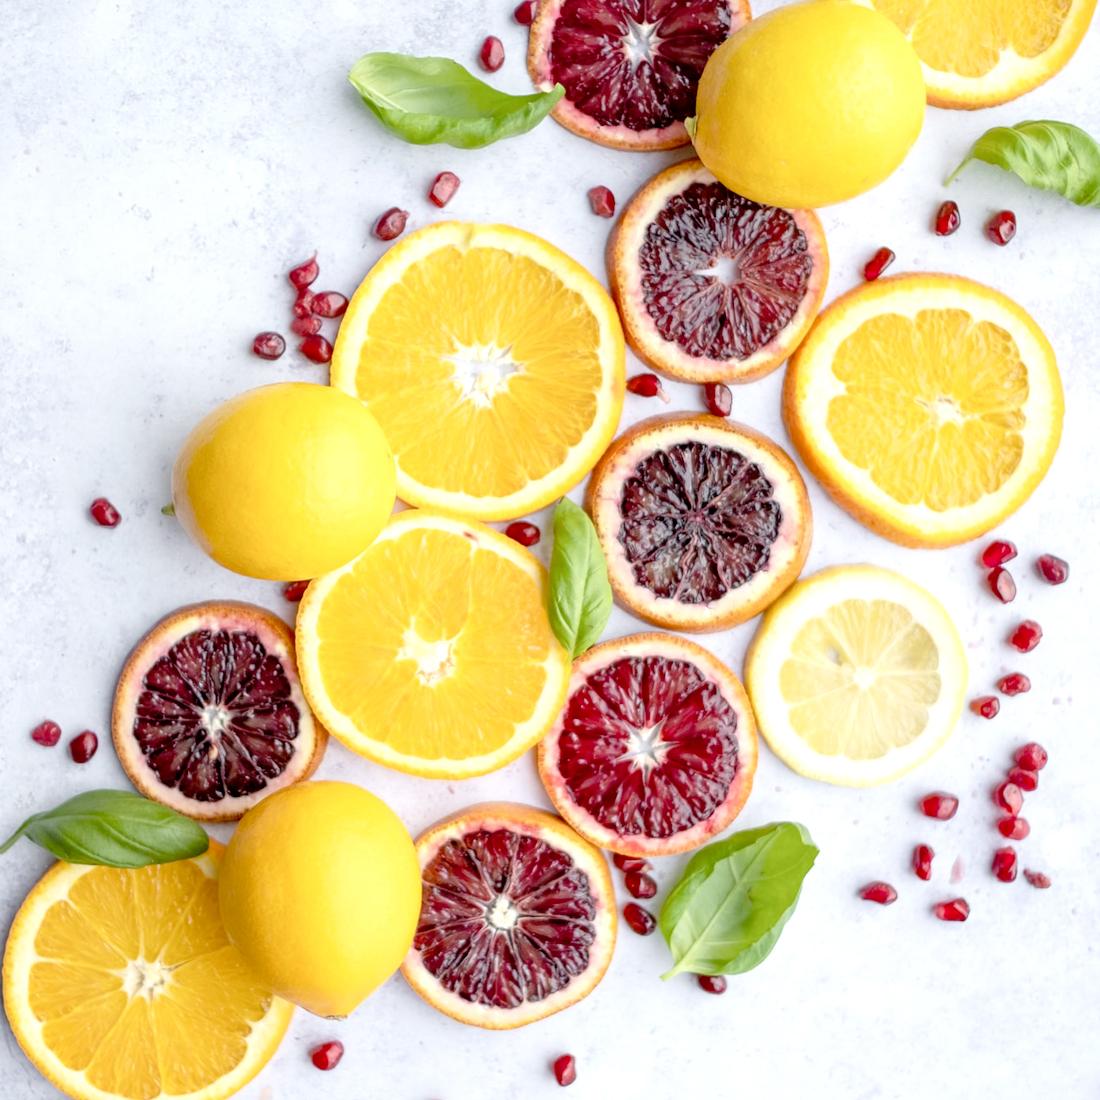 beneficios fruta segun color-redaccion-contenido-saludable